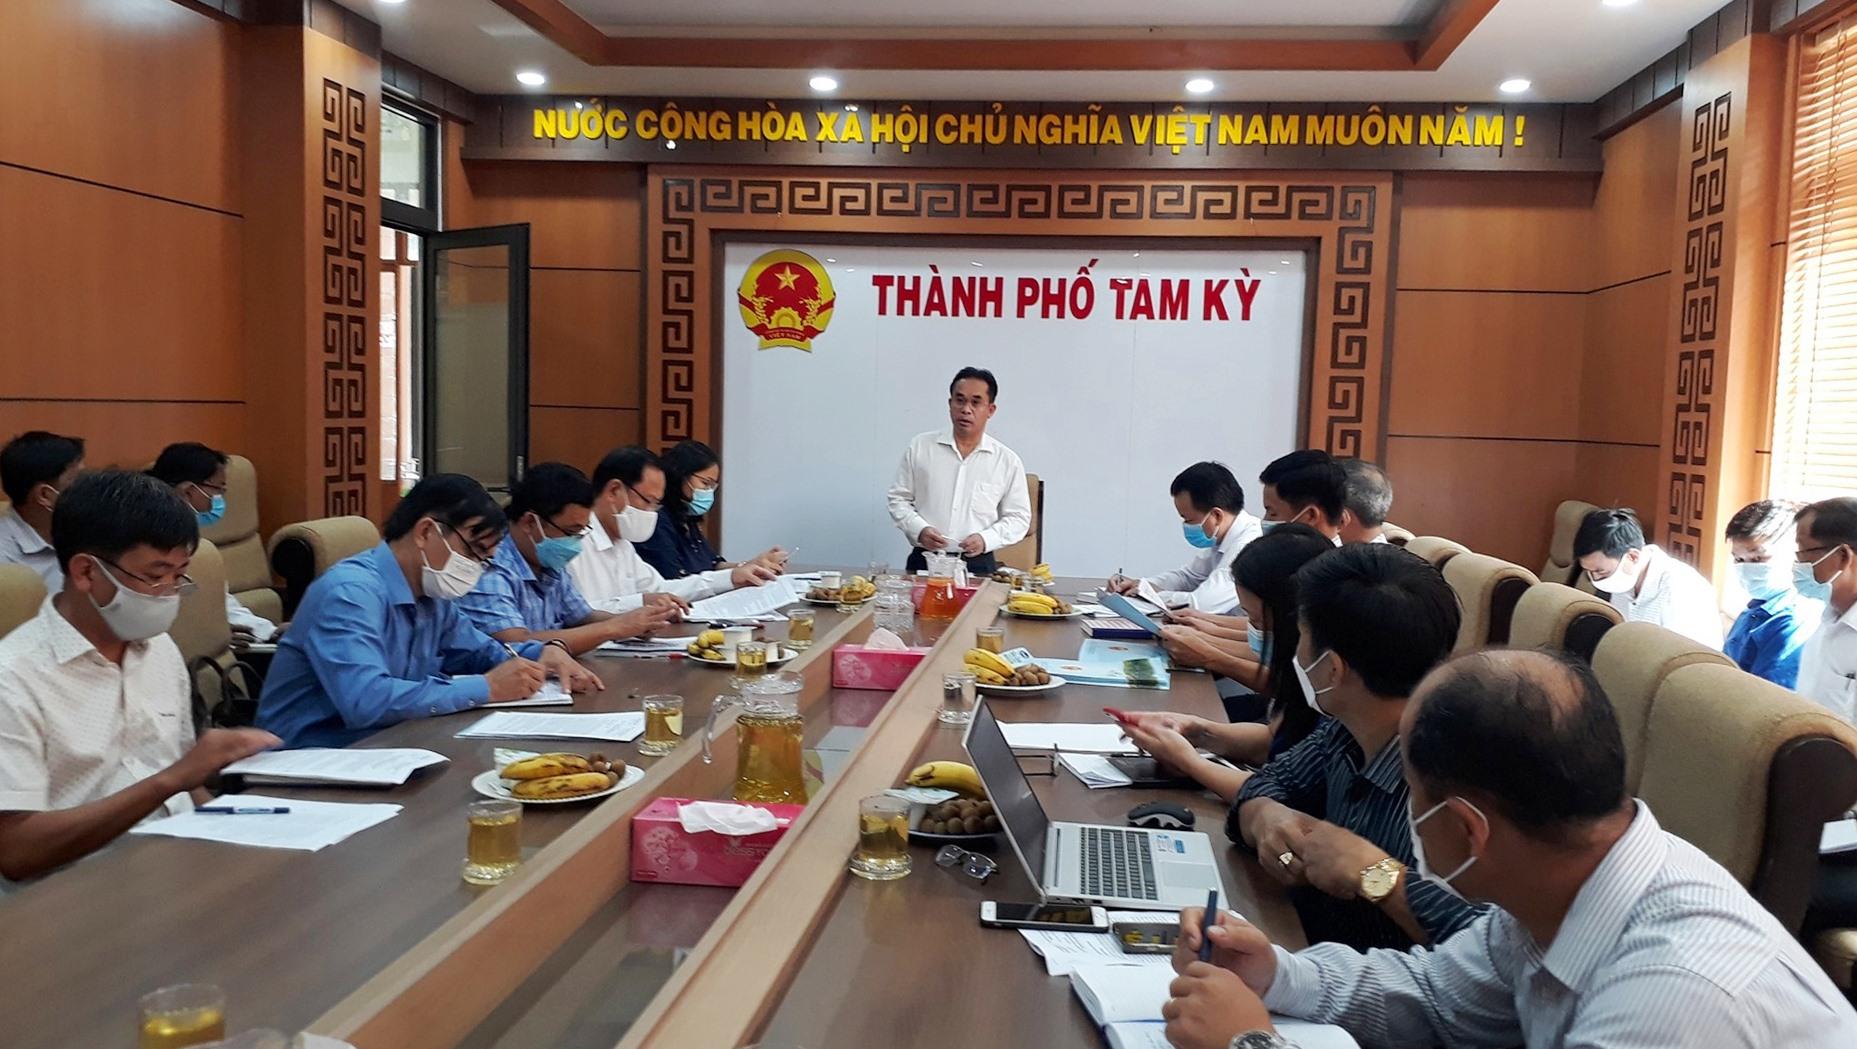 Phó Chủ tịch UBND tỉnh Trần Anh Tuấn đánh giá cao kết quả đạt được trong xây dựng NTM của Tam Kỳ. Ảnh: X.P